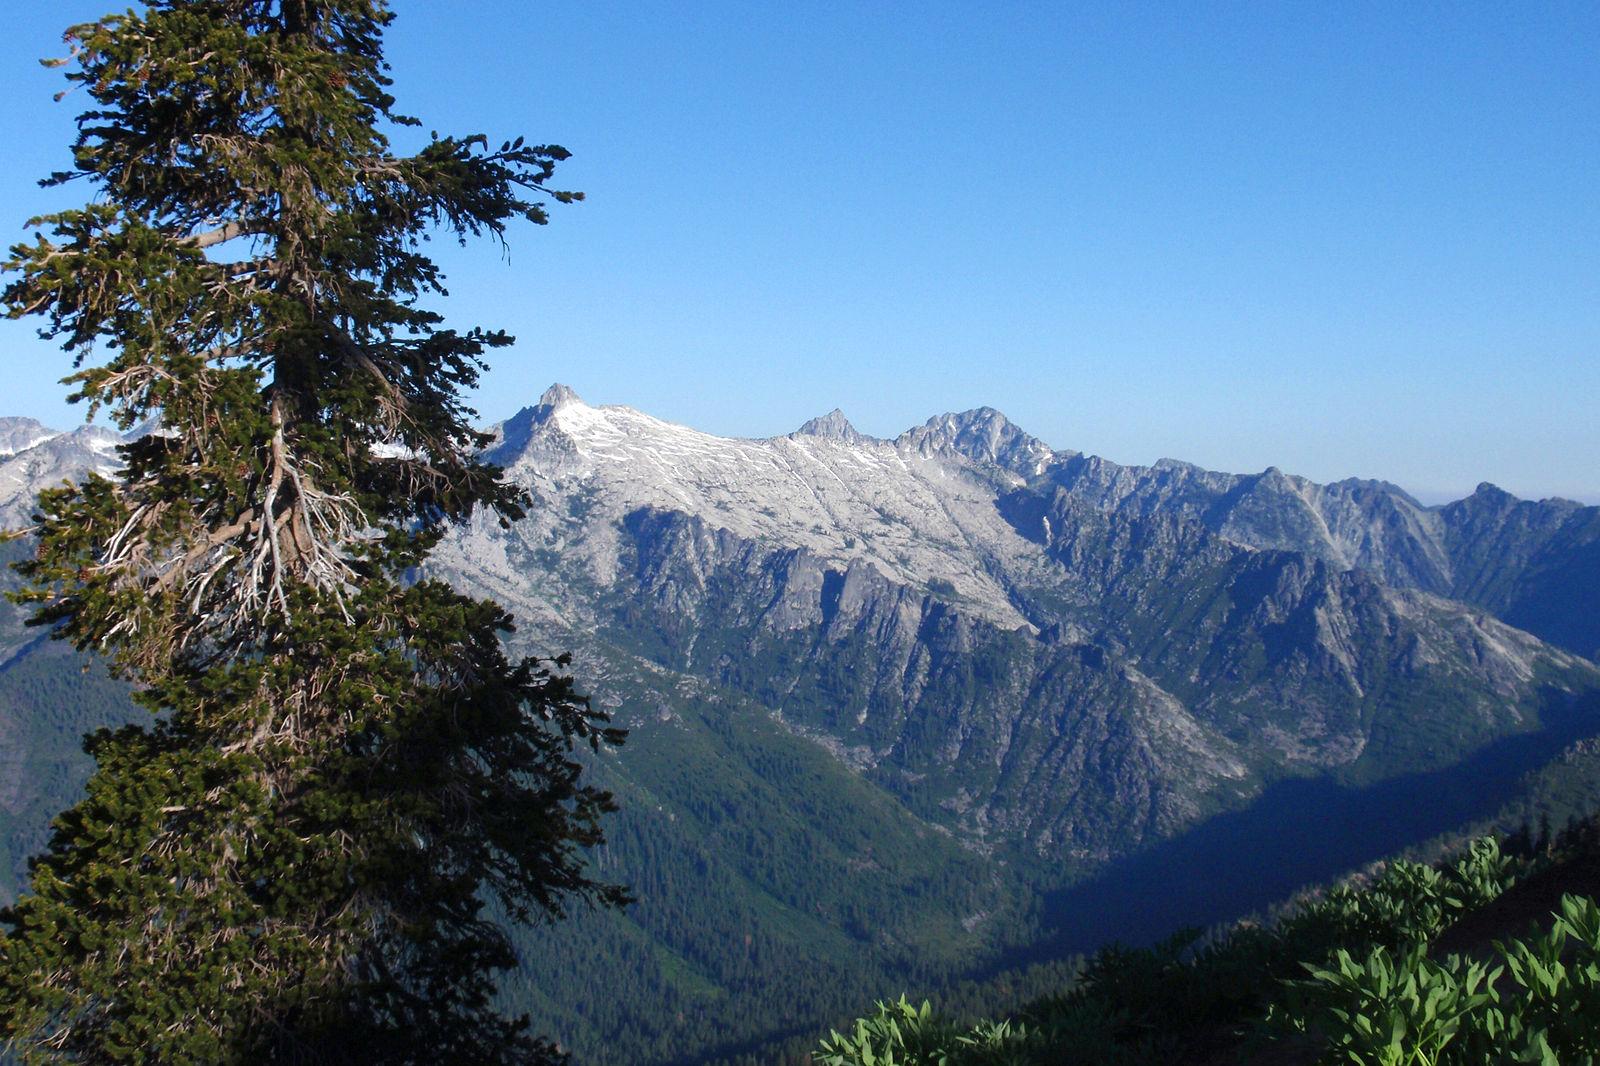 Trinity_Alps_Wilderness_with_Pinus_balfouriana.jpg